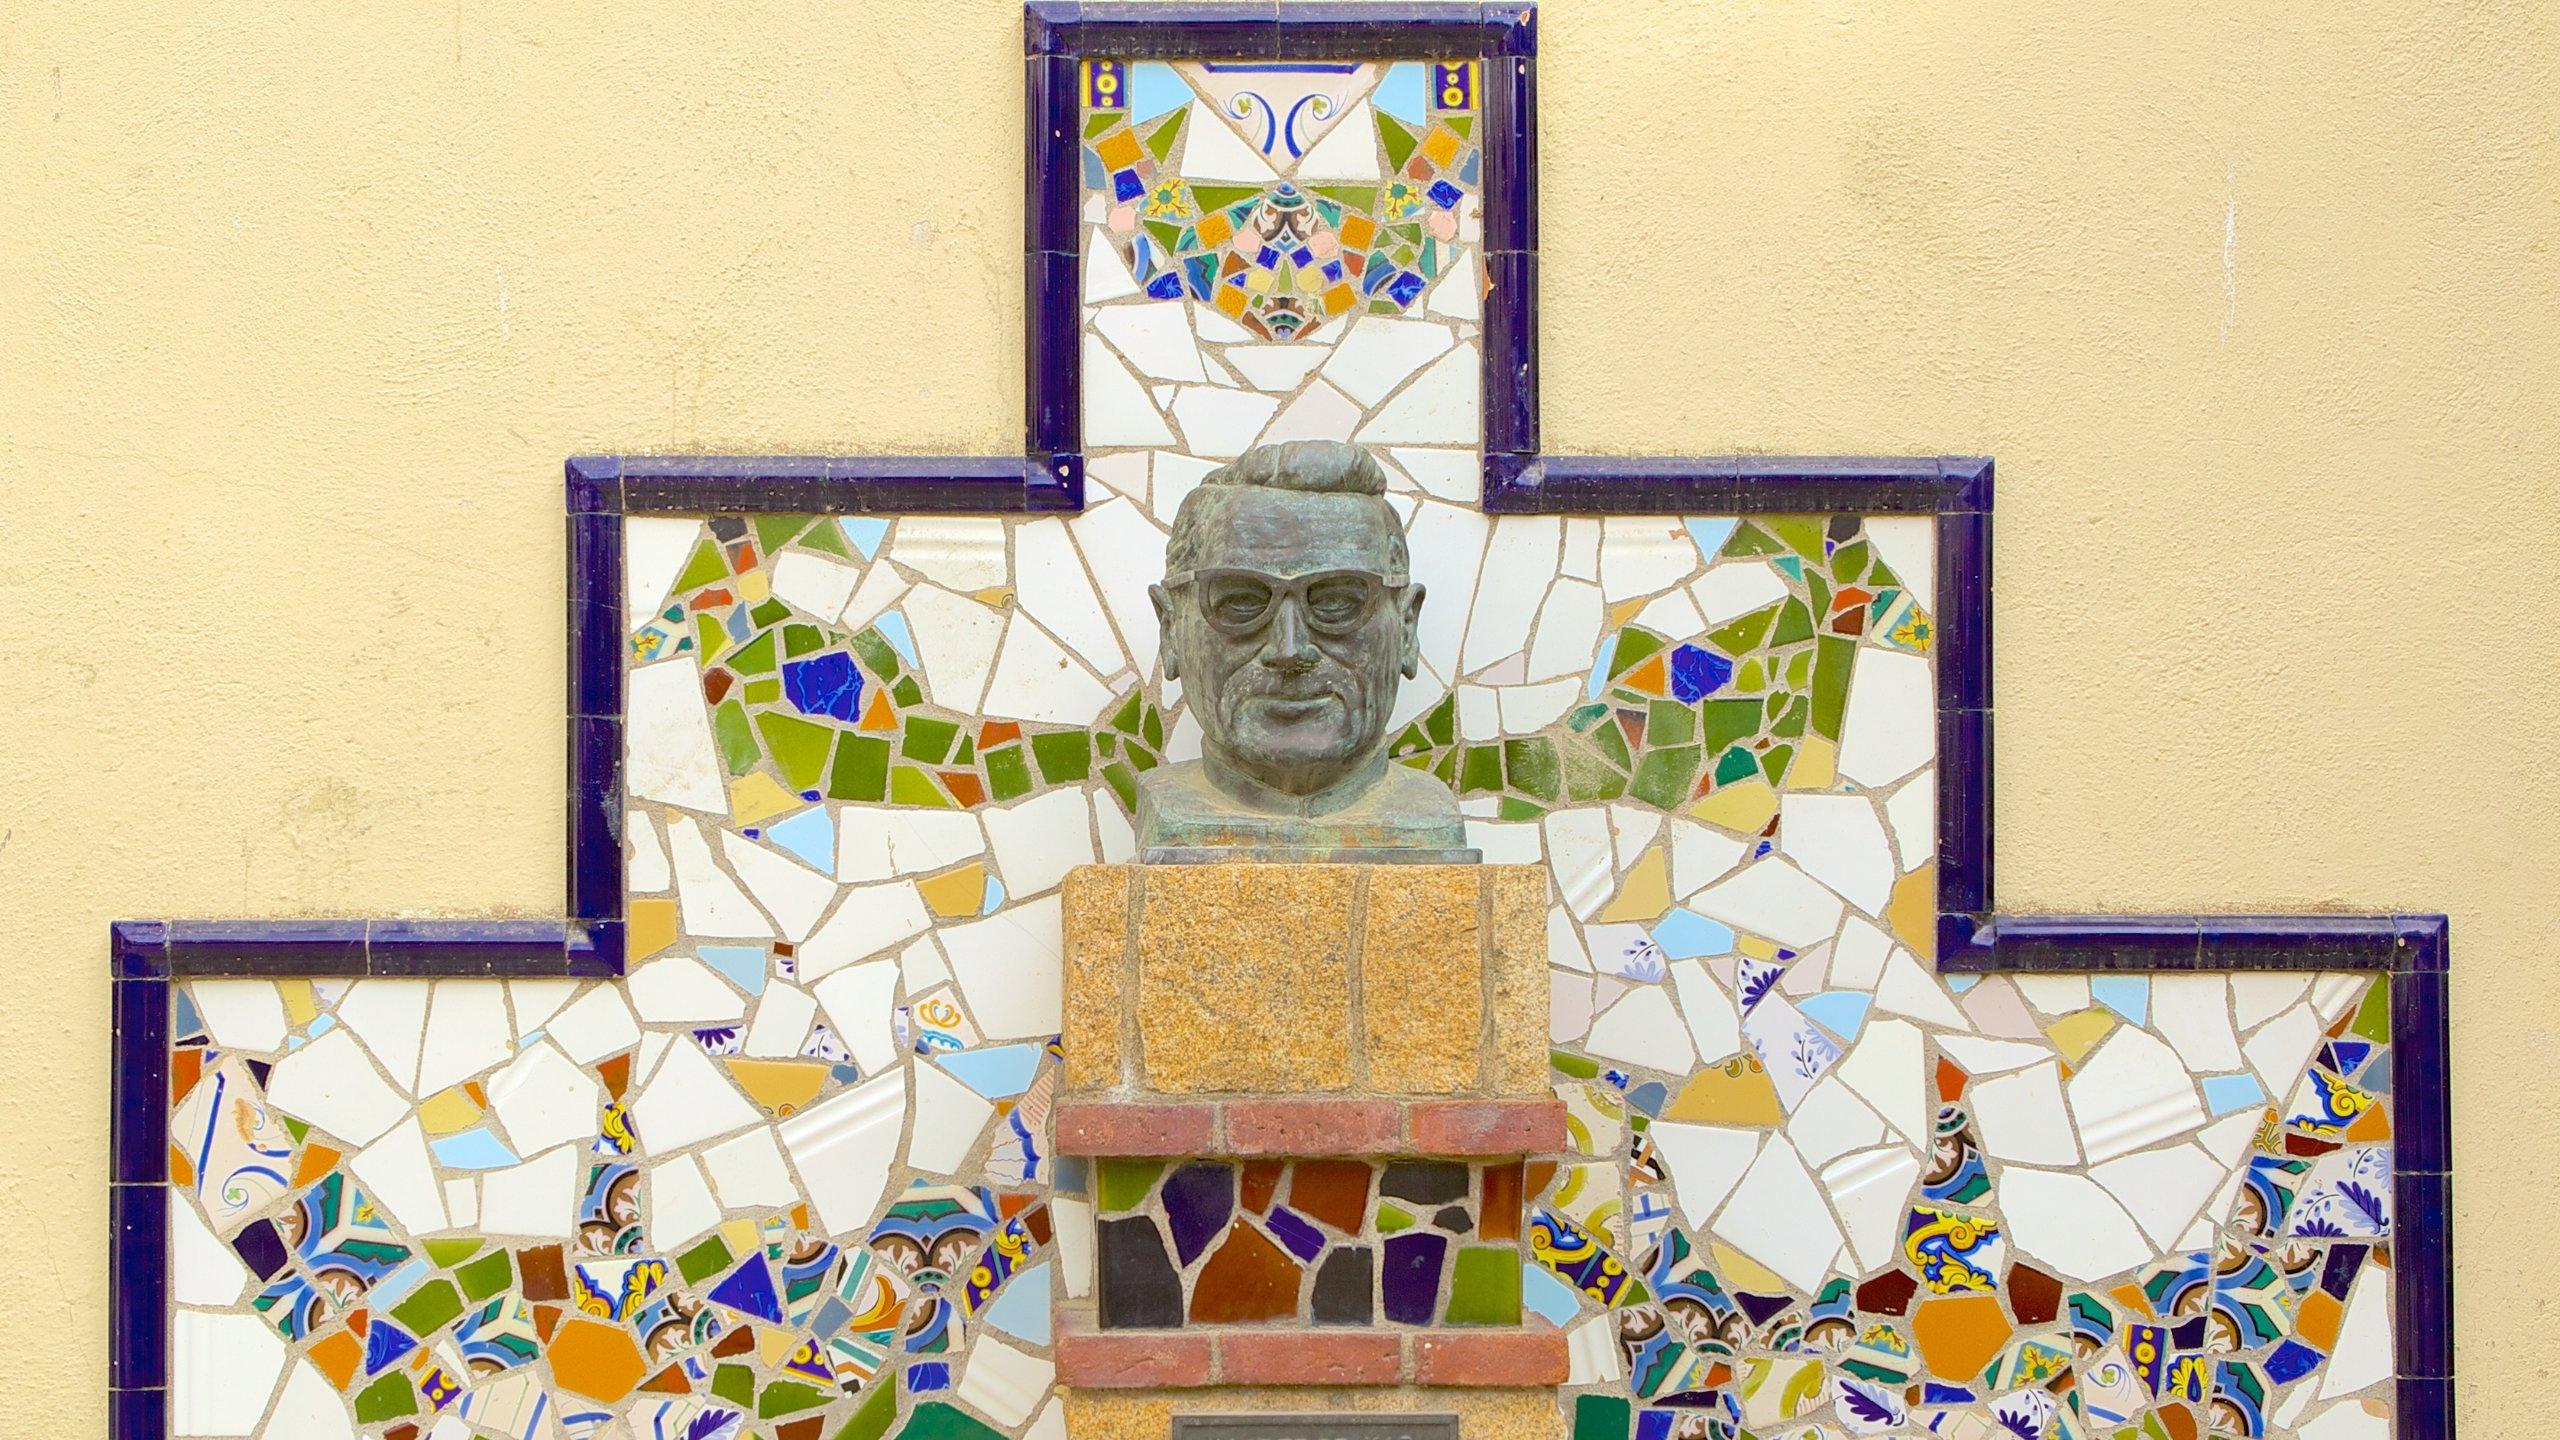 Cette église singulièrement colorée et riche d'histoire fait assurément partie des sites les plus reconnaissables de Lloret de Mar.